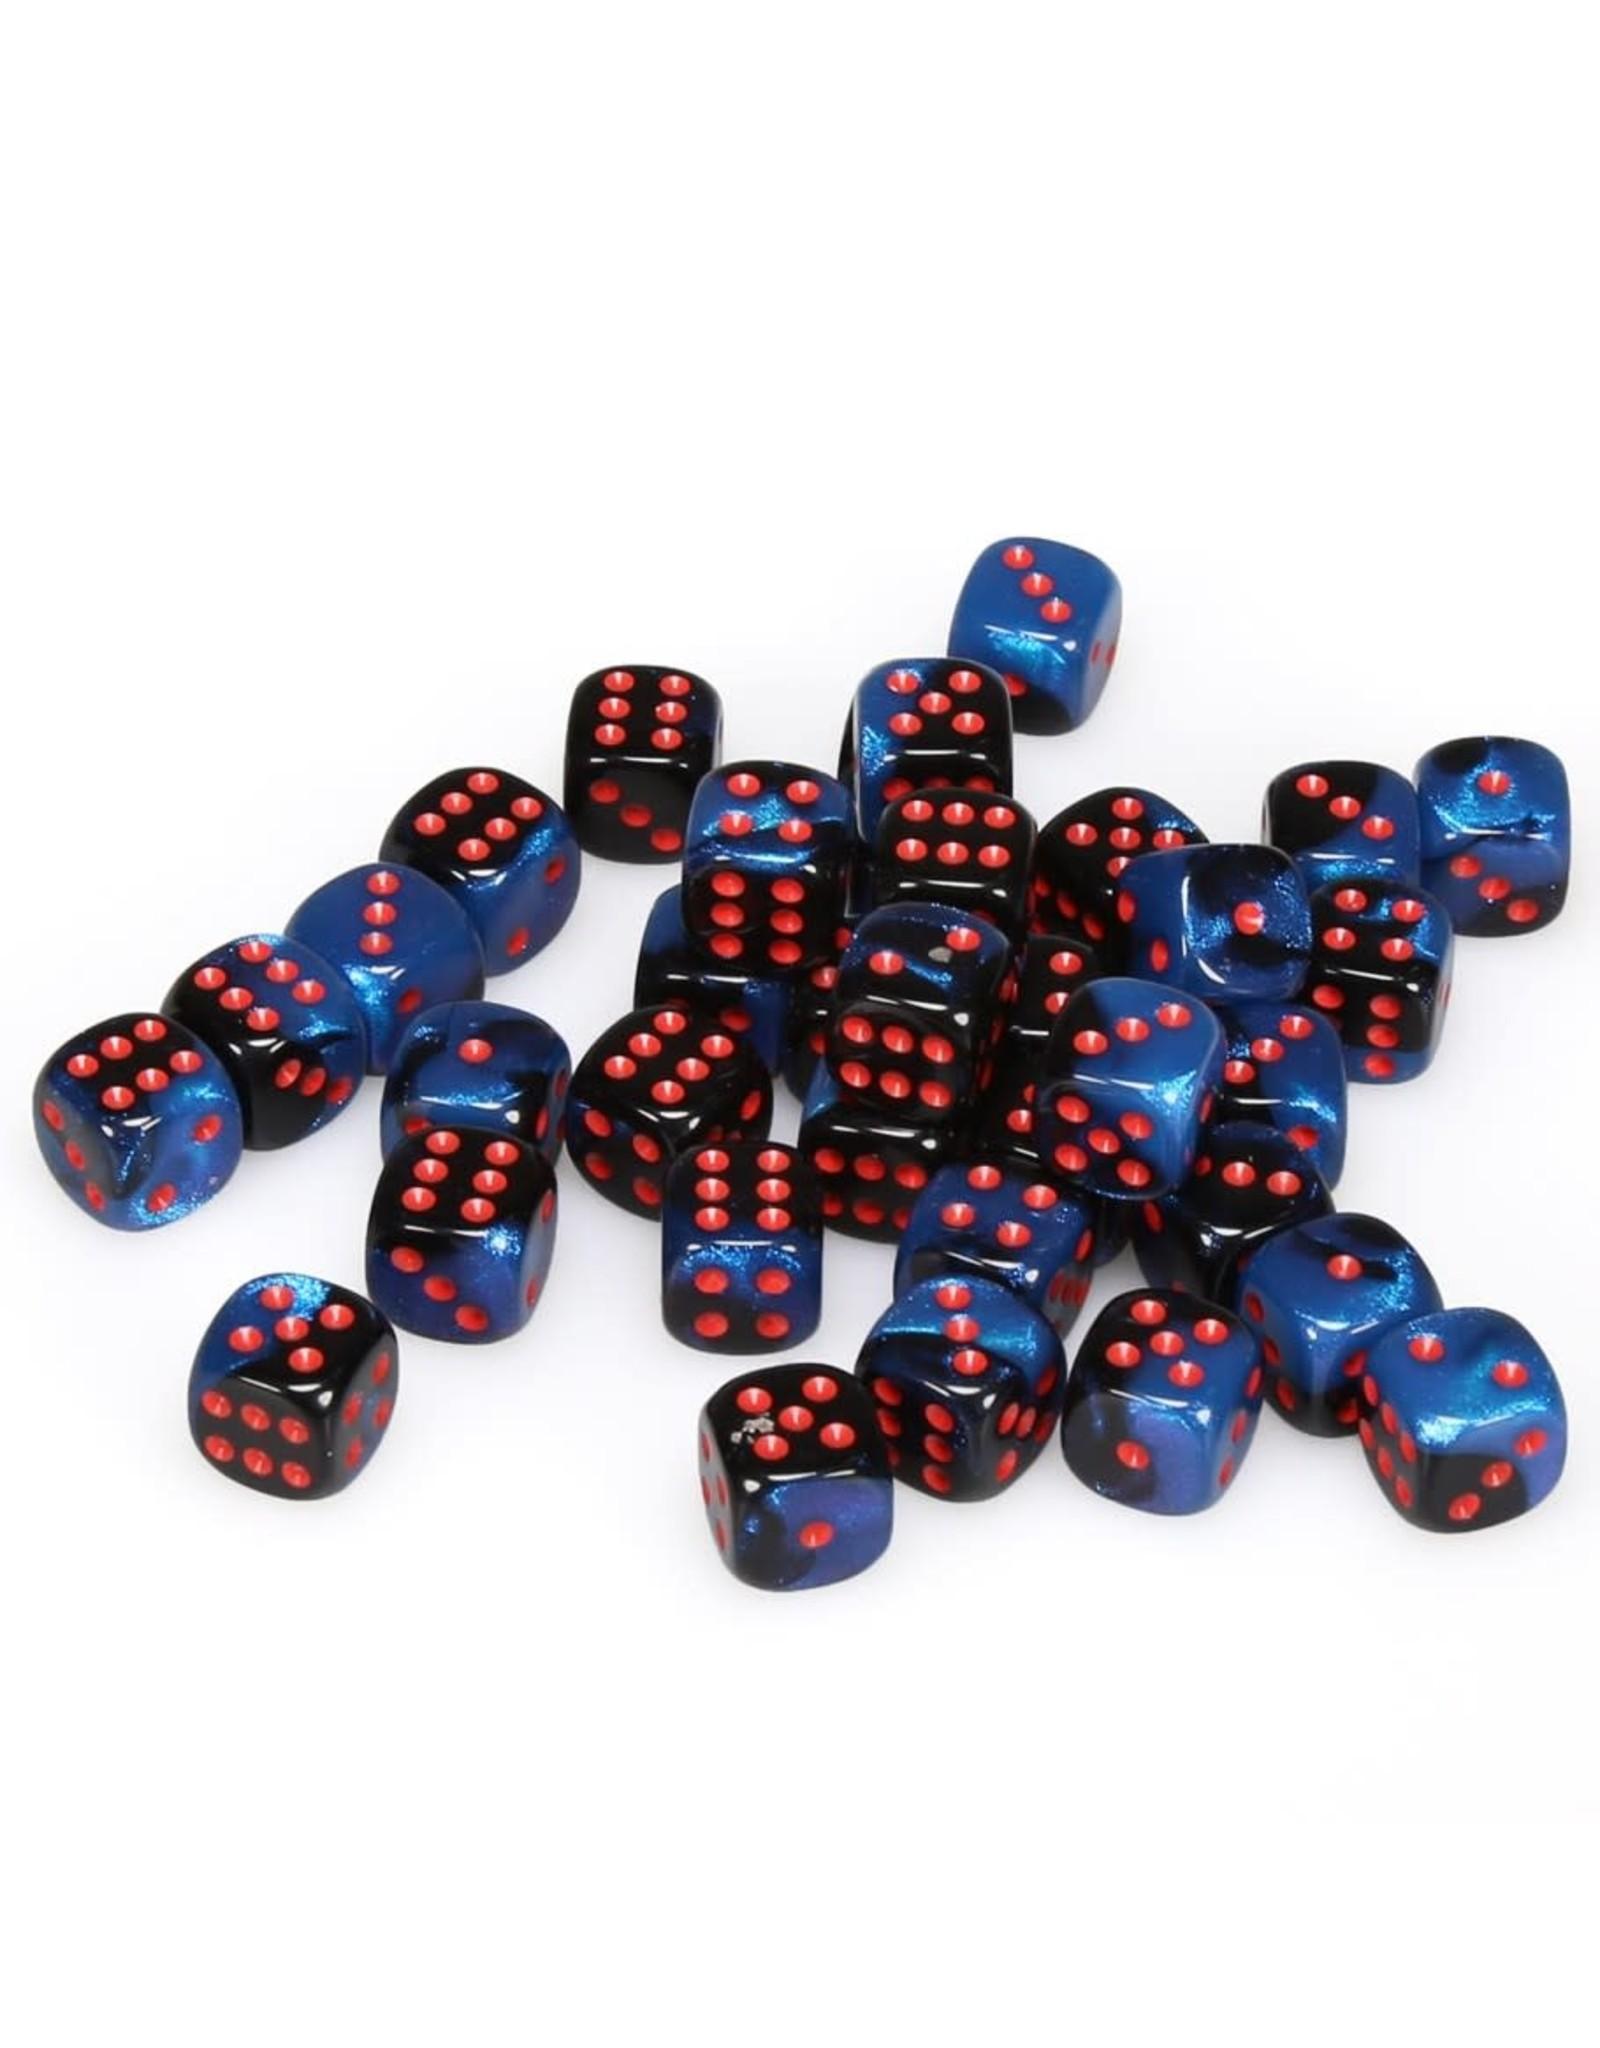 Chessex d6 12mm 36 Dice Set Gemini Black-Starlight w/Red CHX26858